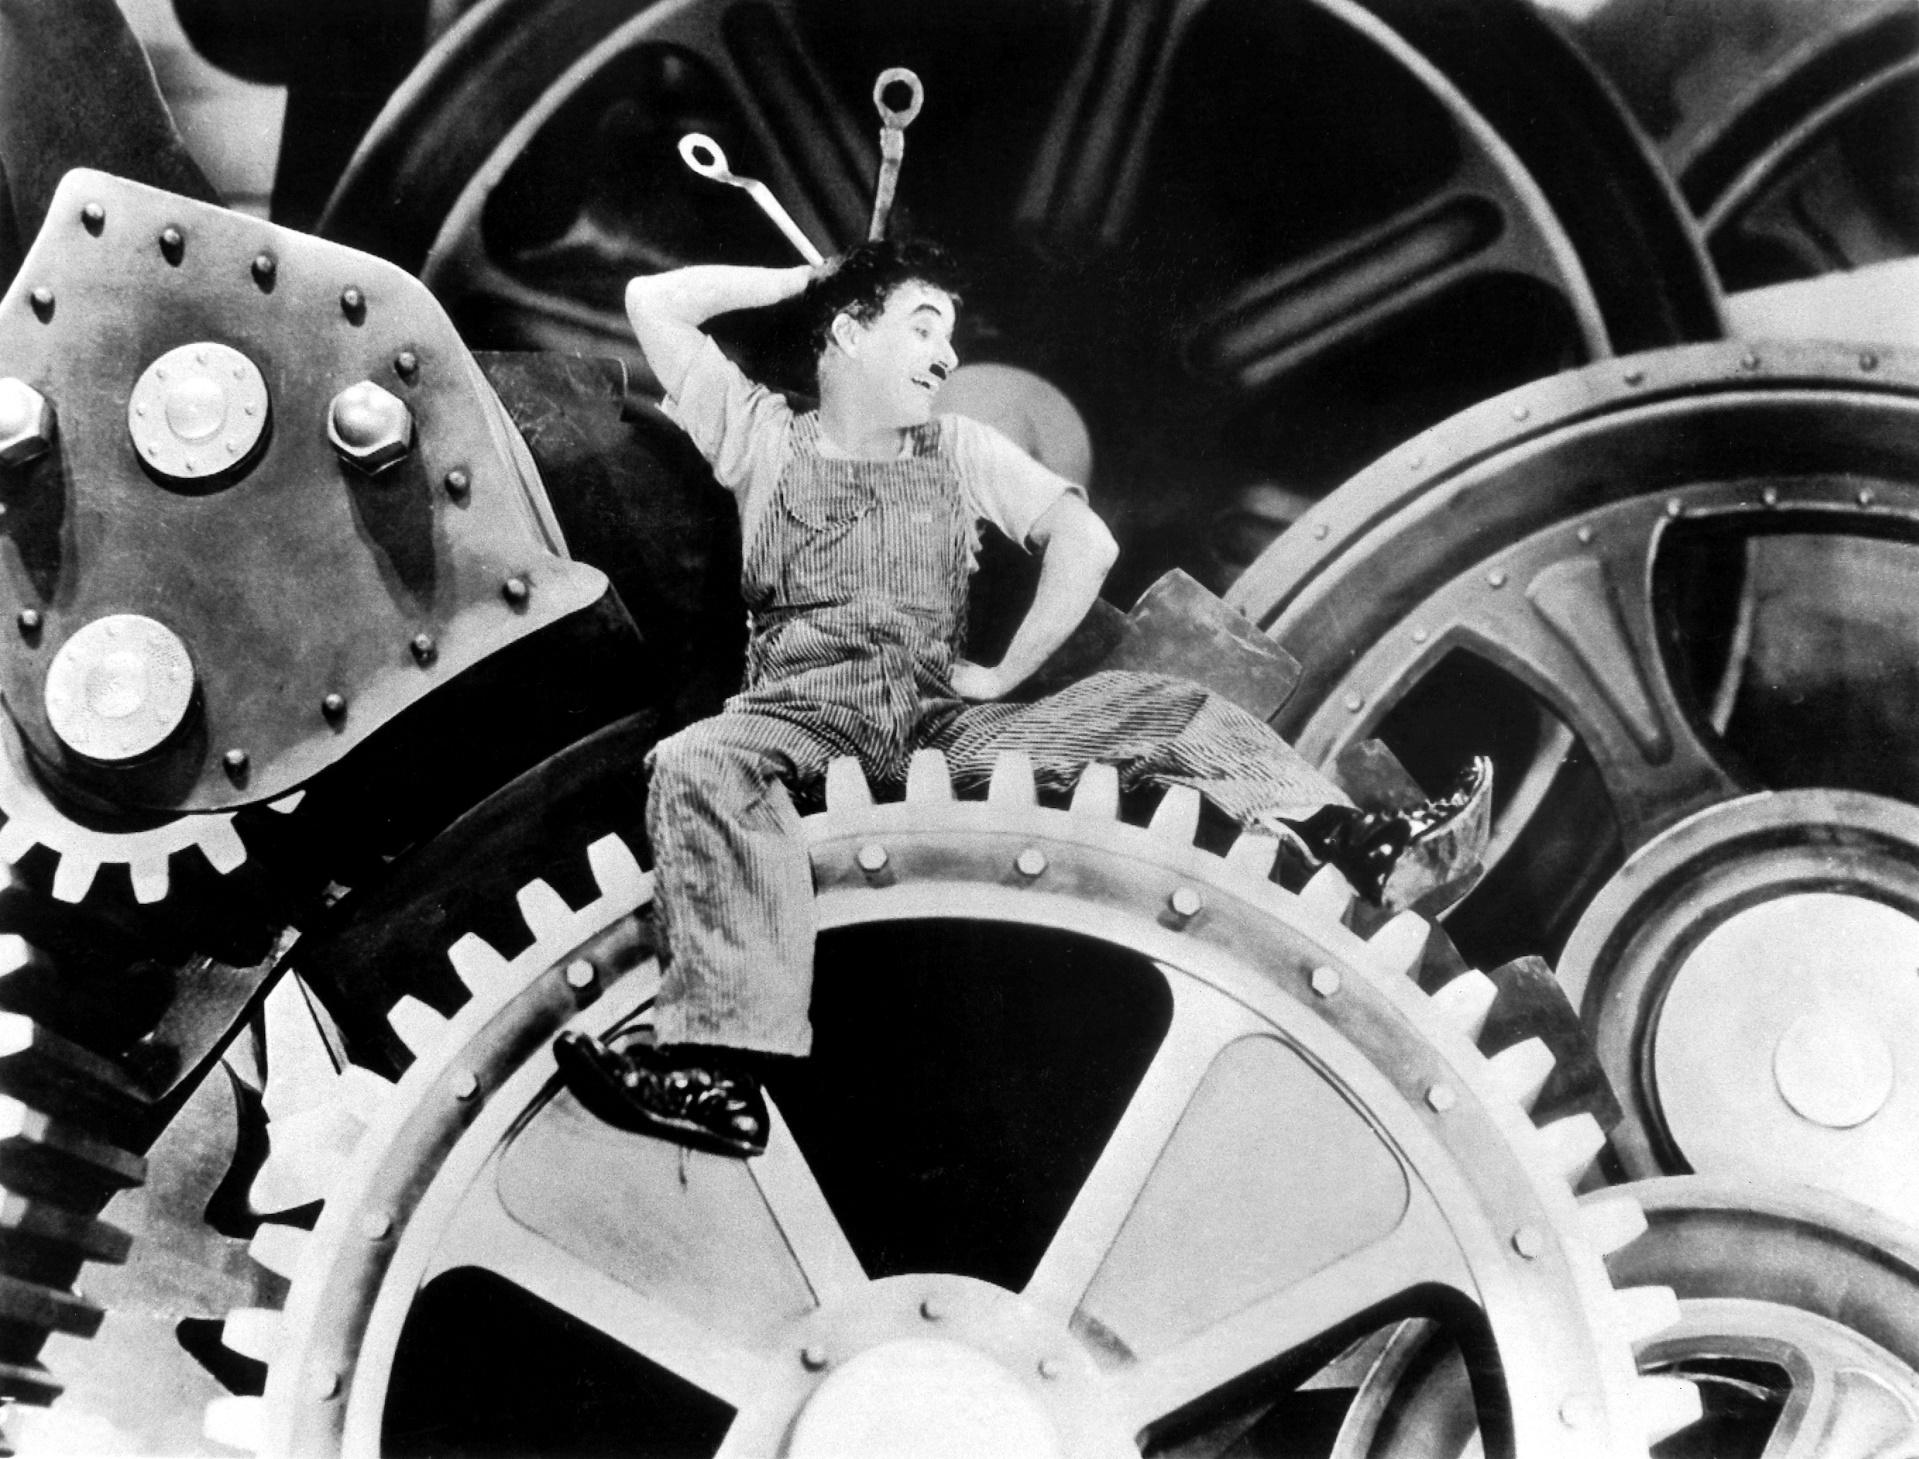 O clássico Tempos Modernos, de Charlie Chaplin, é de 1936, mas os dramas no ambiente de trabalho continuam e se agravaram ao longo do tempo. Foto DPA